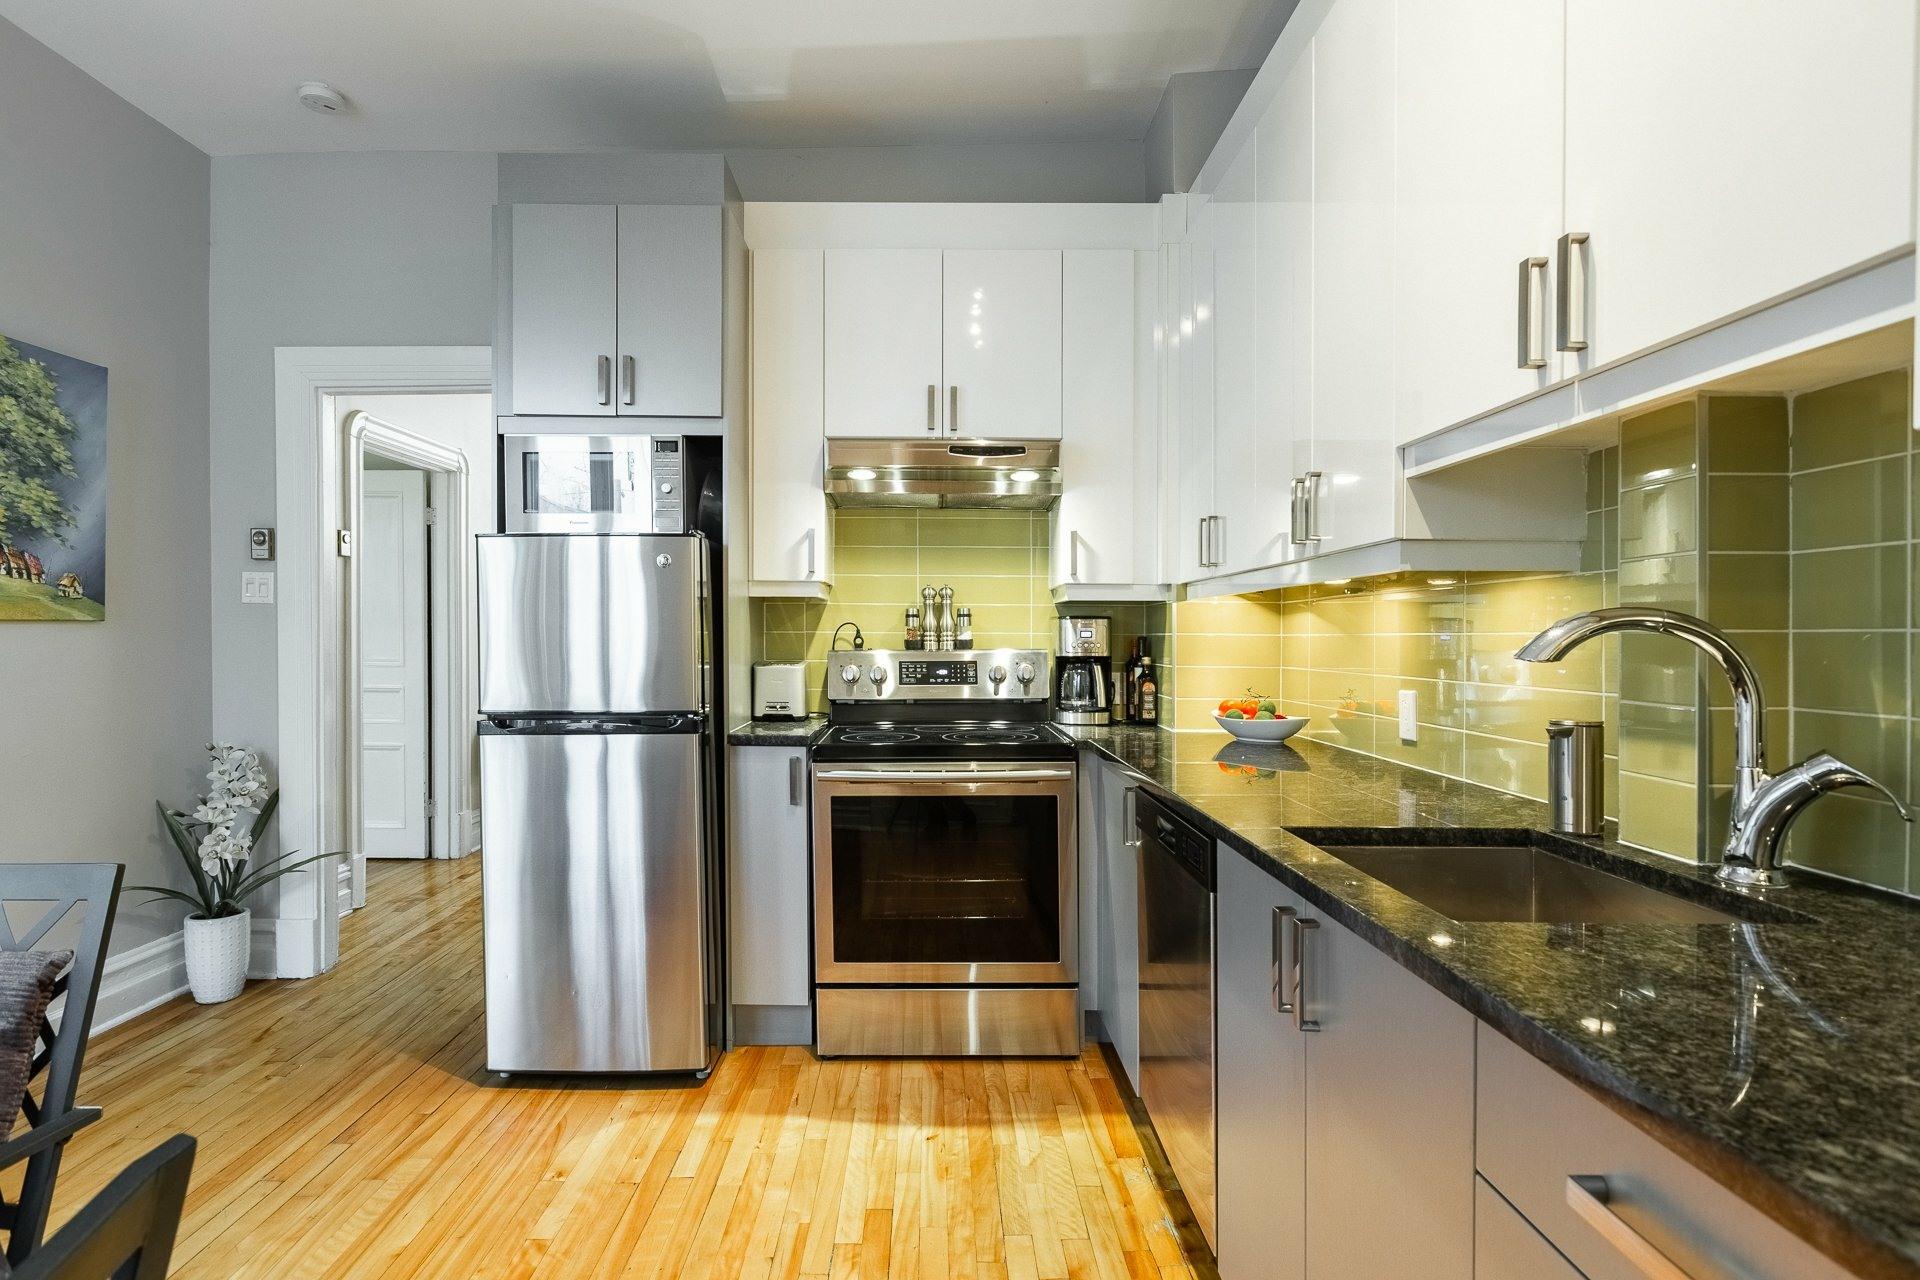 image 15 - Appartement À vendre Montréal Le Plateau-Mont-Royal  - 7 pièces